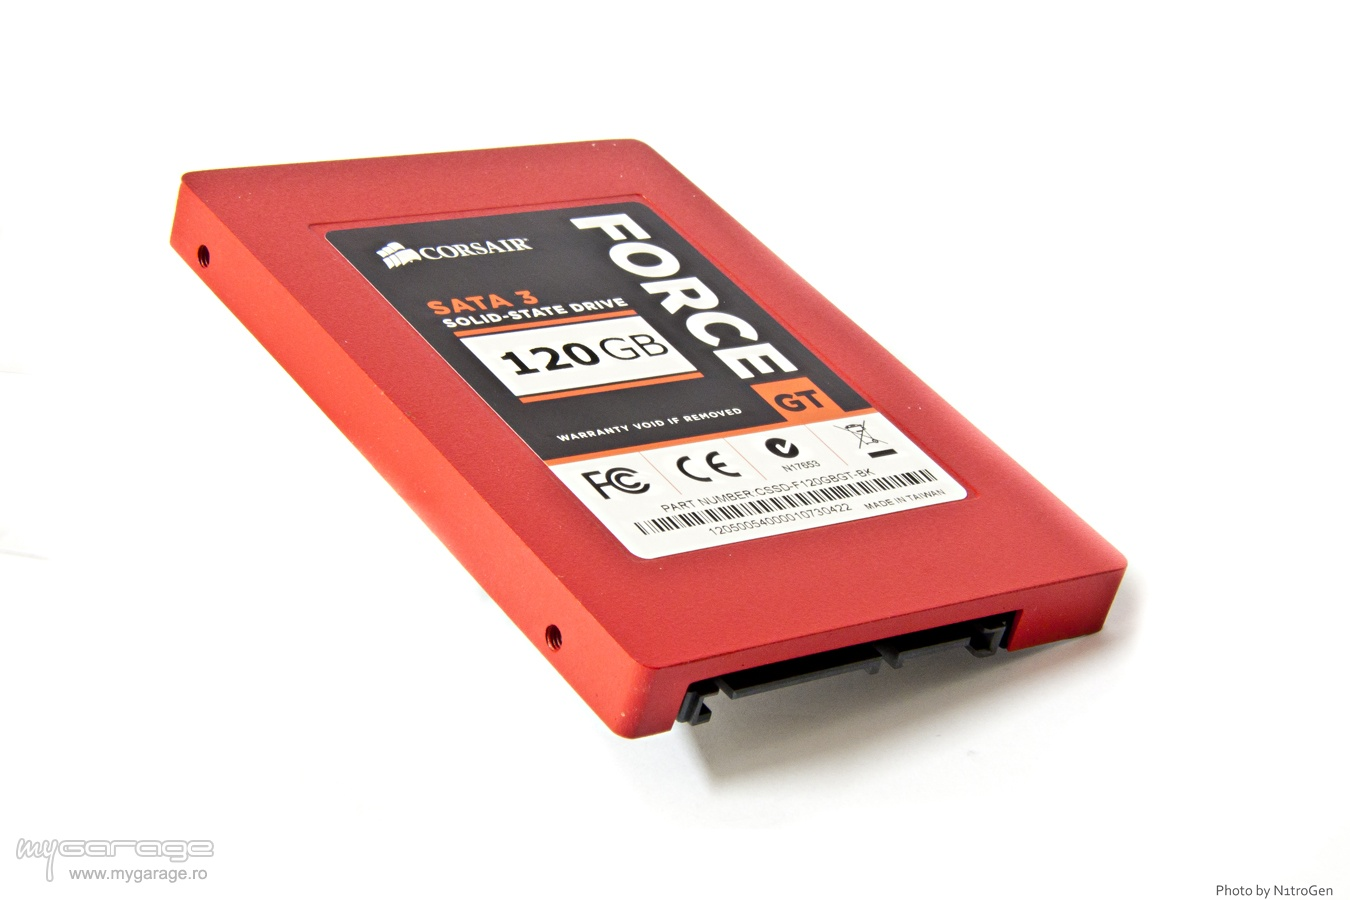 atualizar firmware do hd seagate st500dm002-1bd142